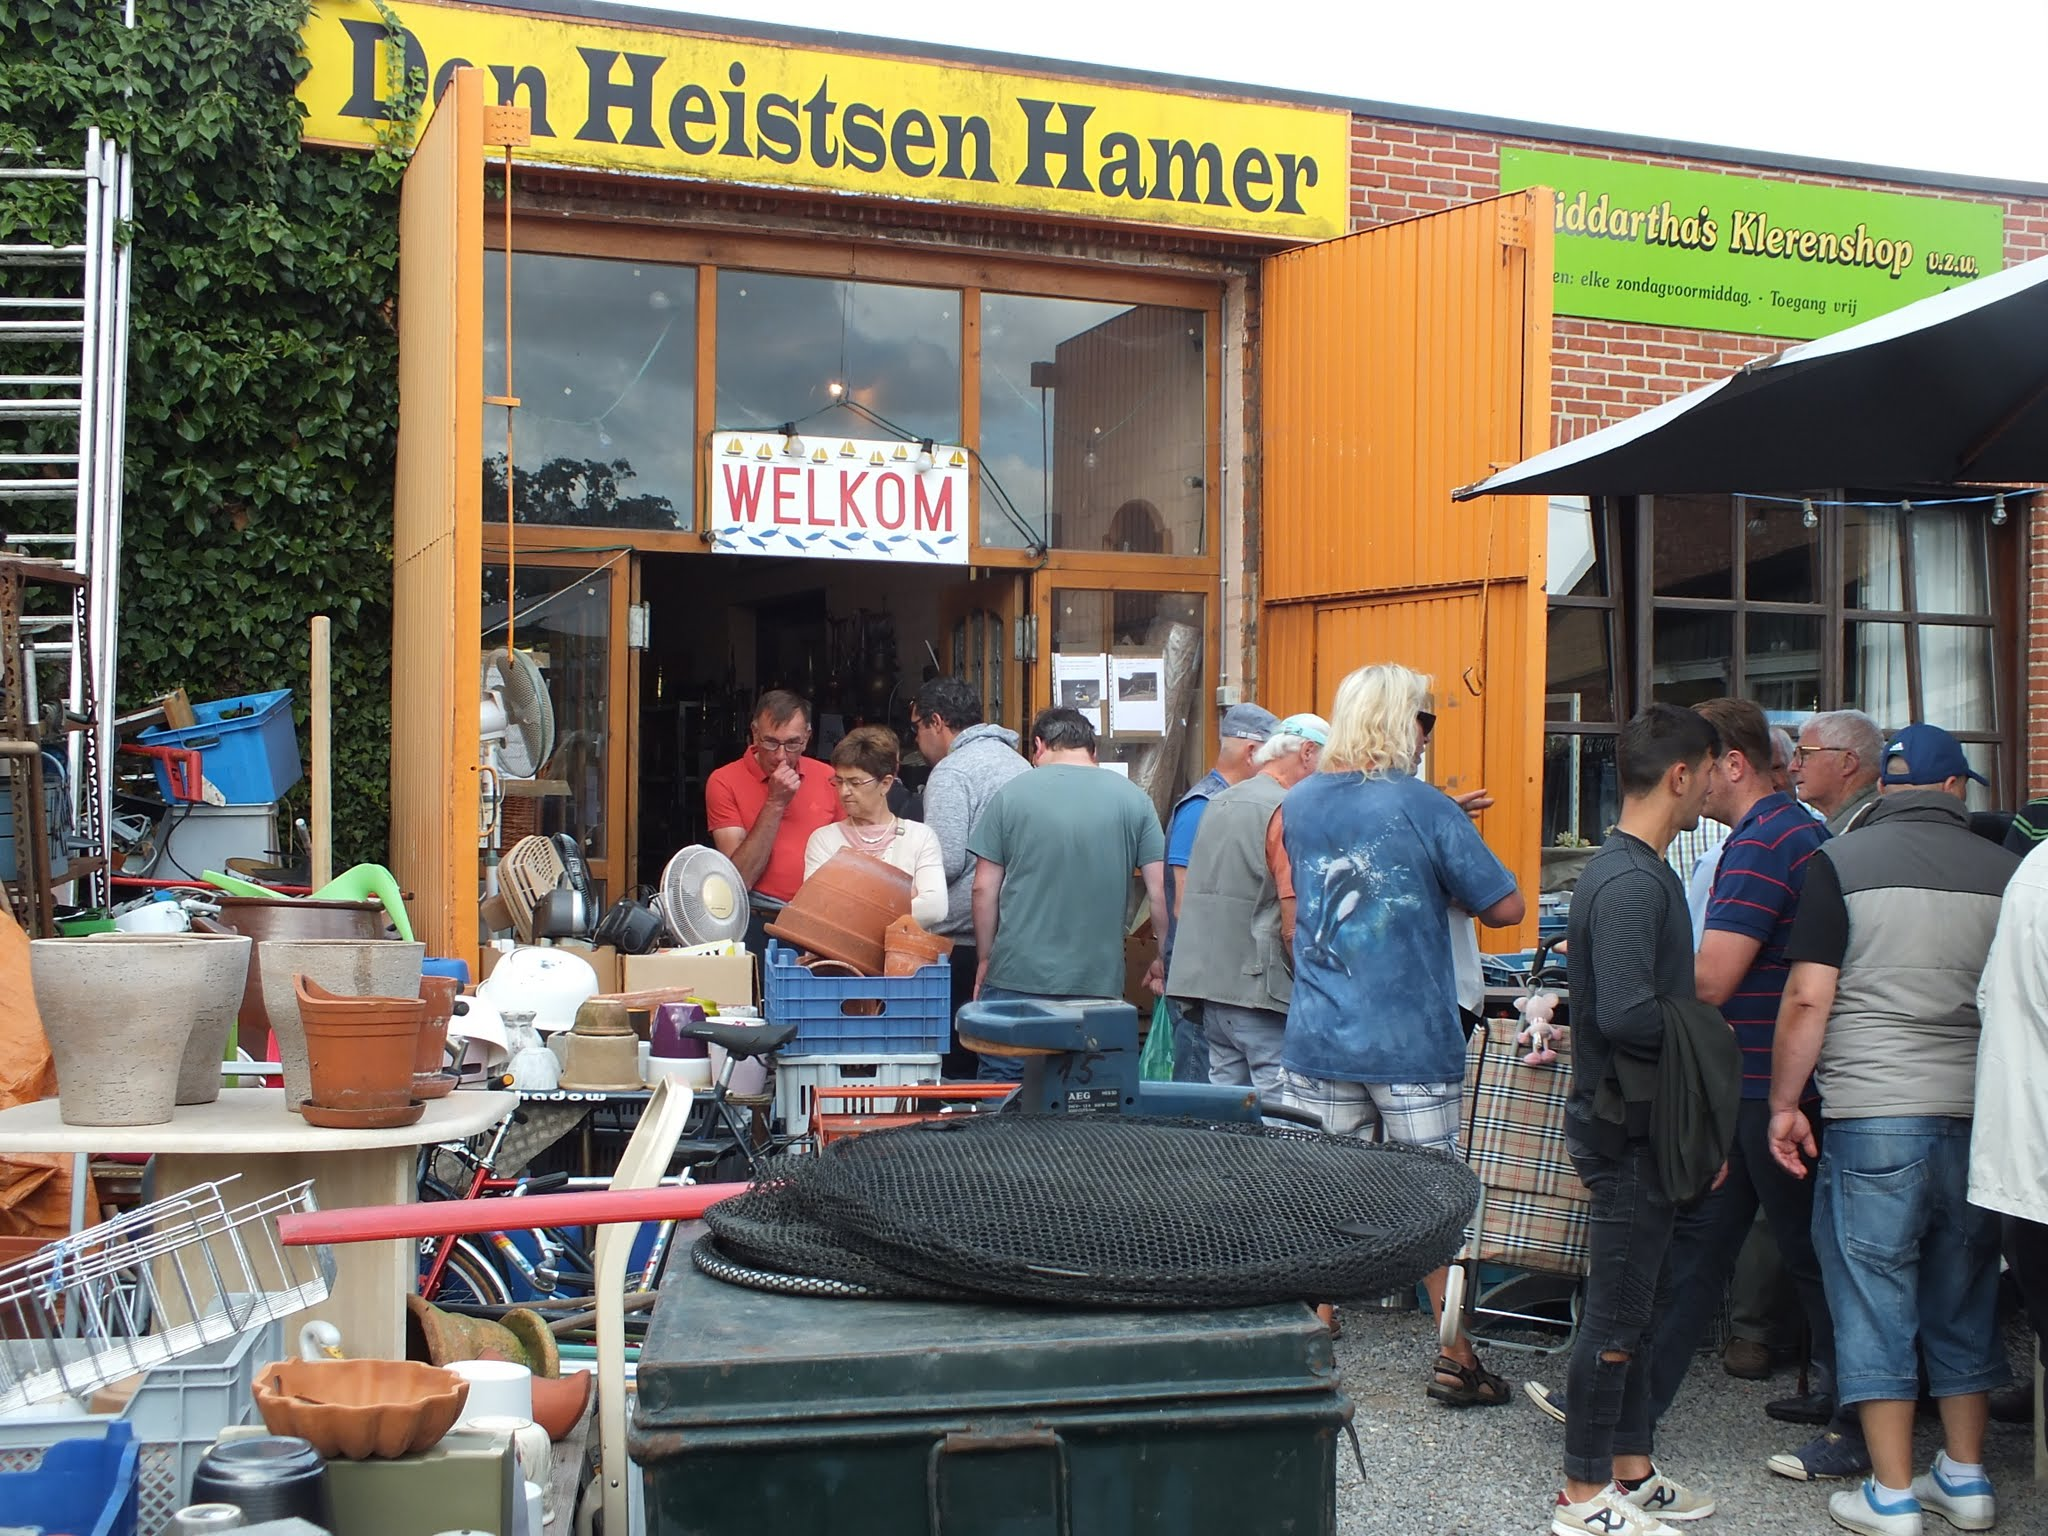 den-heistsen-hamer-winkel-antiek-curiosa-2dehands-buitenzicht